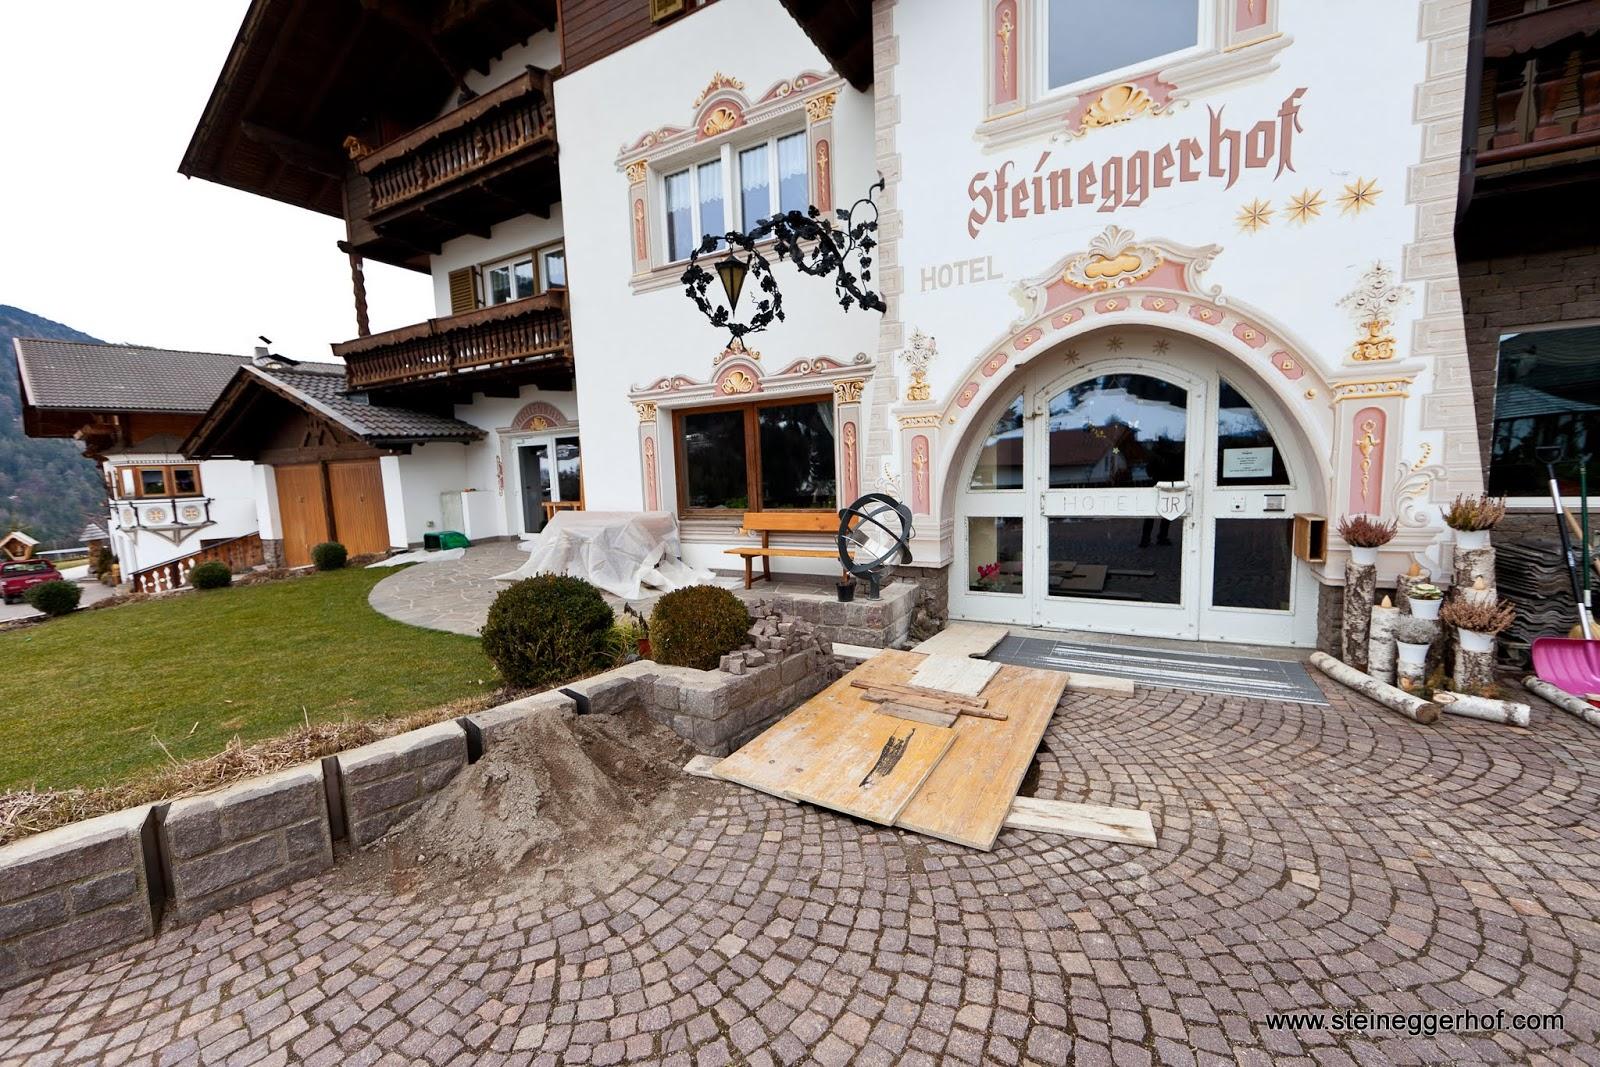 http://www.steineggerhof.com/en/information/fotogallery/umbau-2013-2014-id-5955119574104560001.html